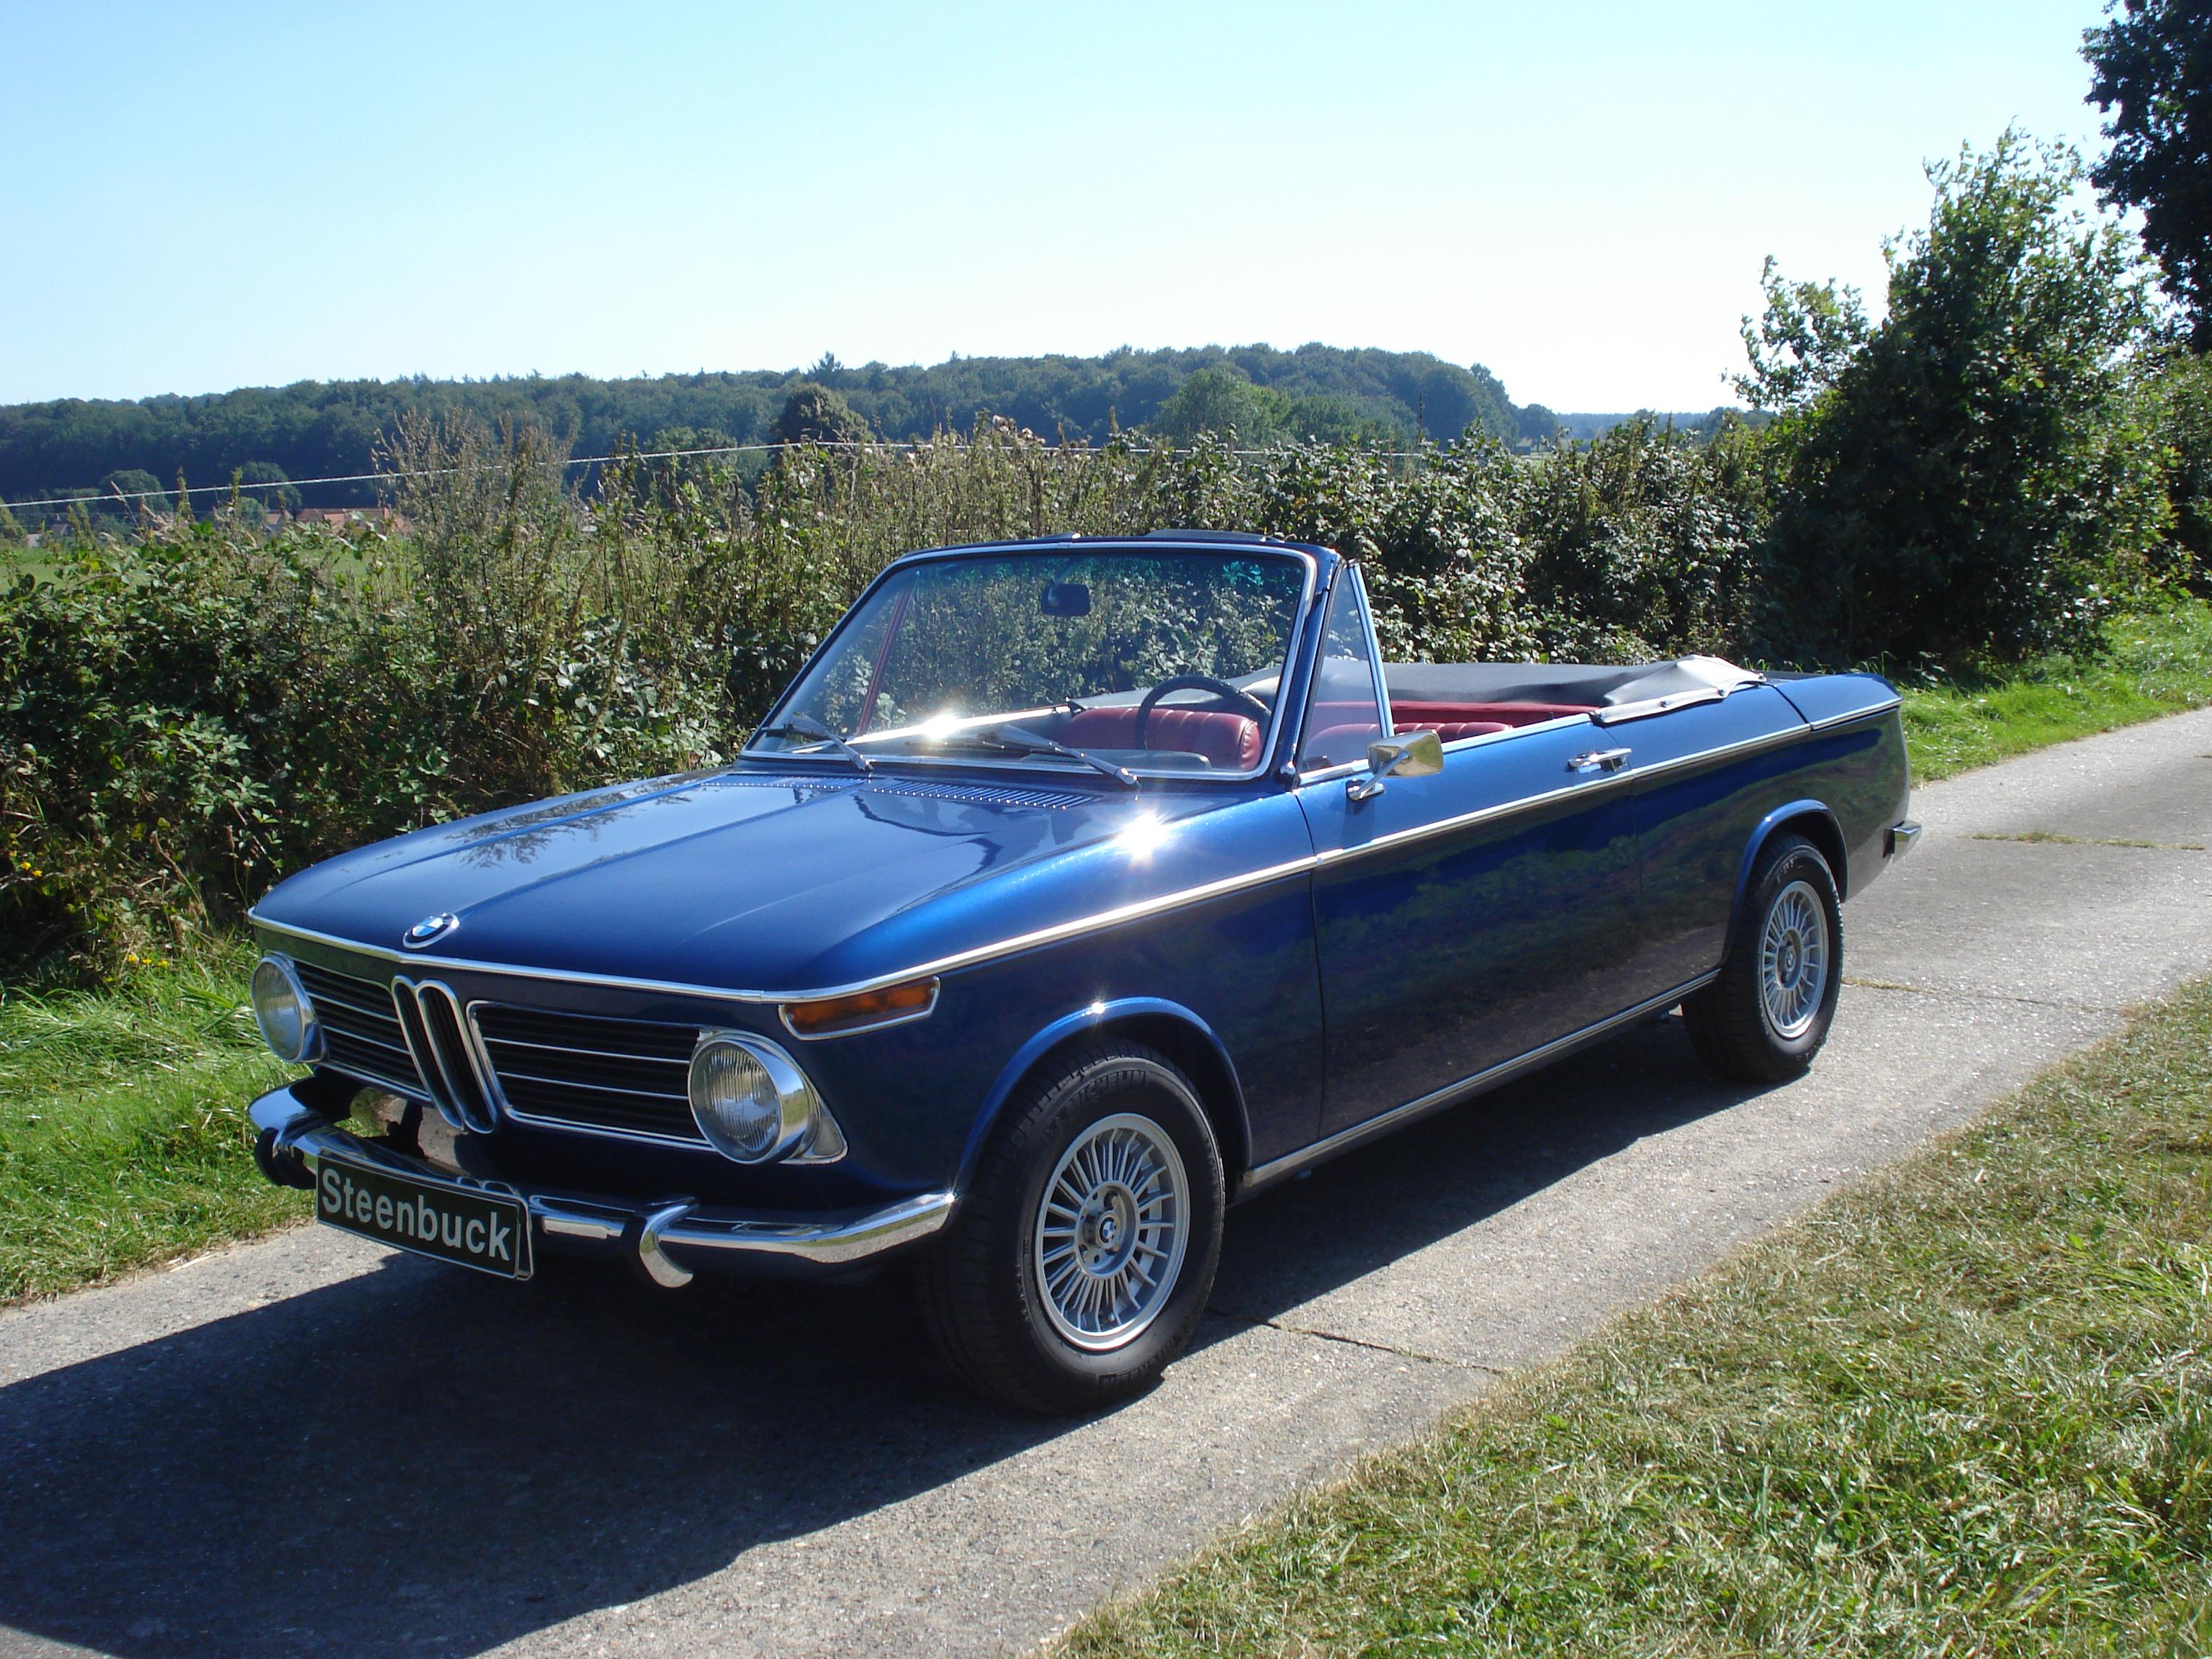 BMW 02er 1600 - 2